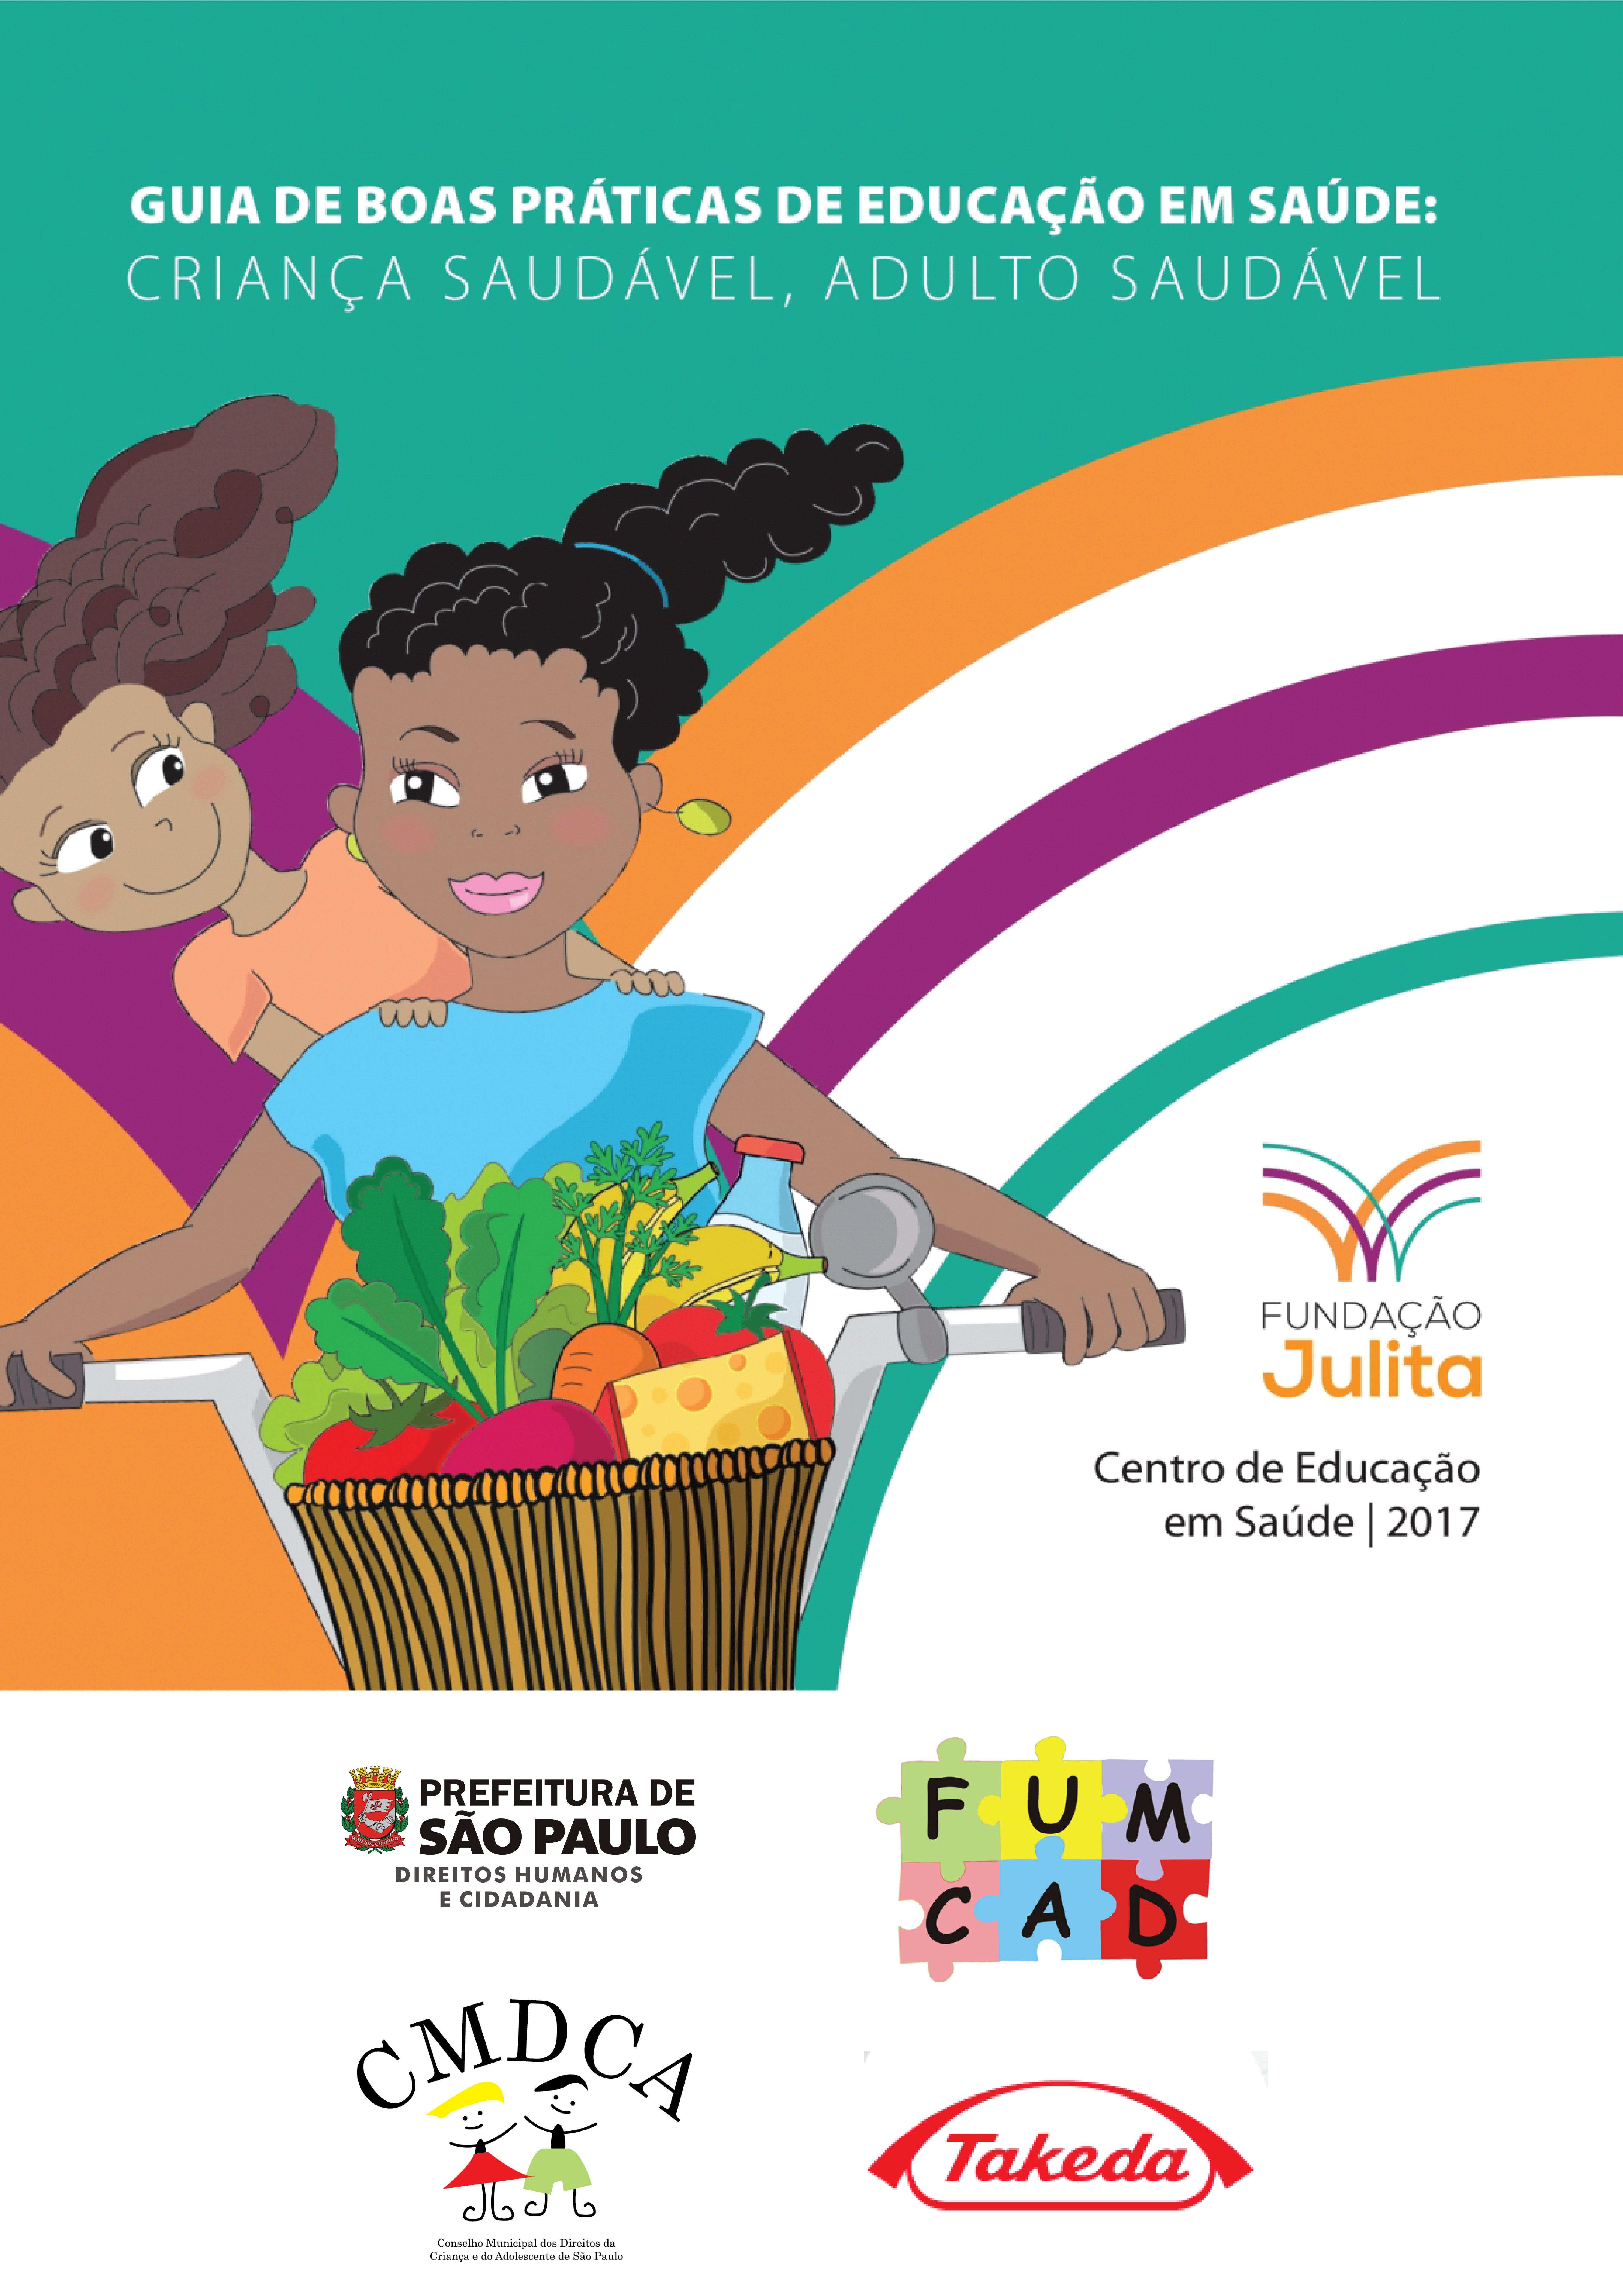 Guia de Boas Práticas de Educação em Saúde: Criança Saudável, Adulto Saudável